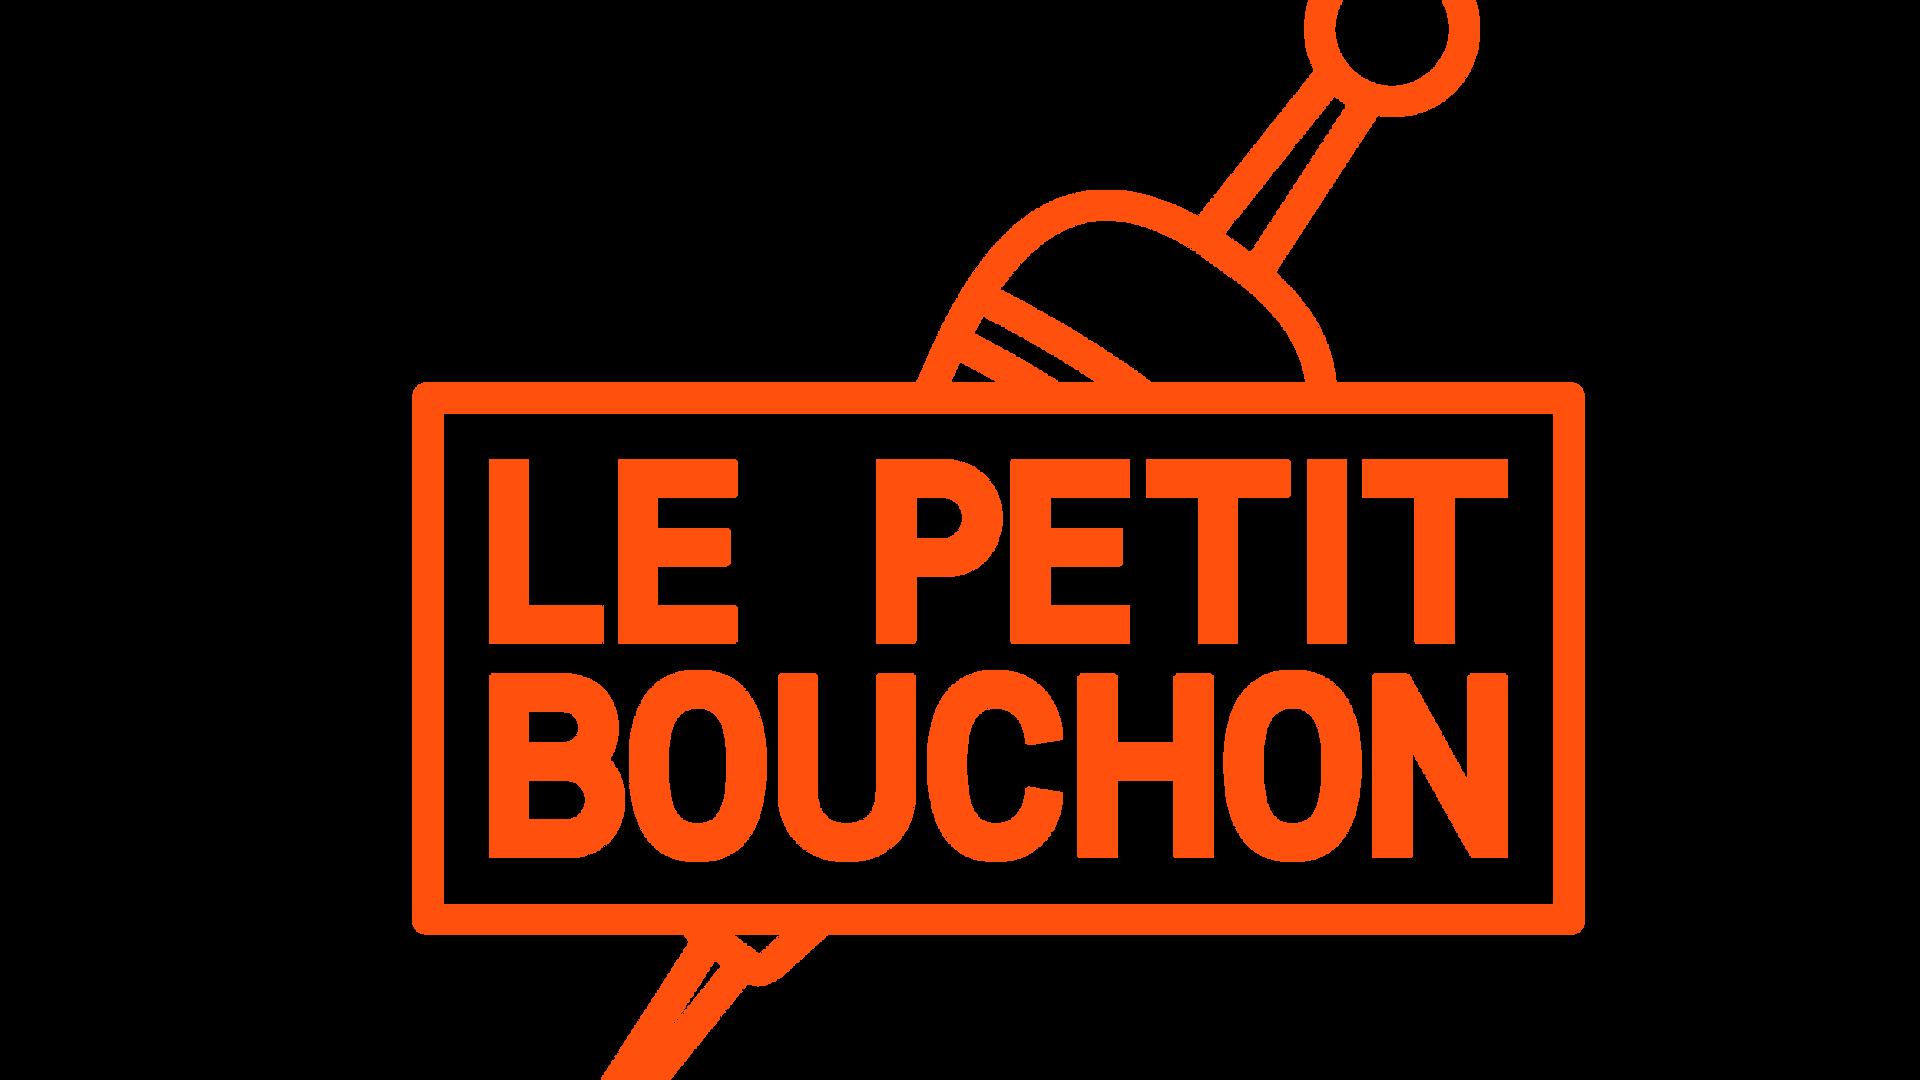 bouchon_logo_orange.png